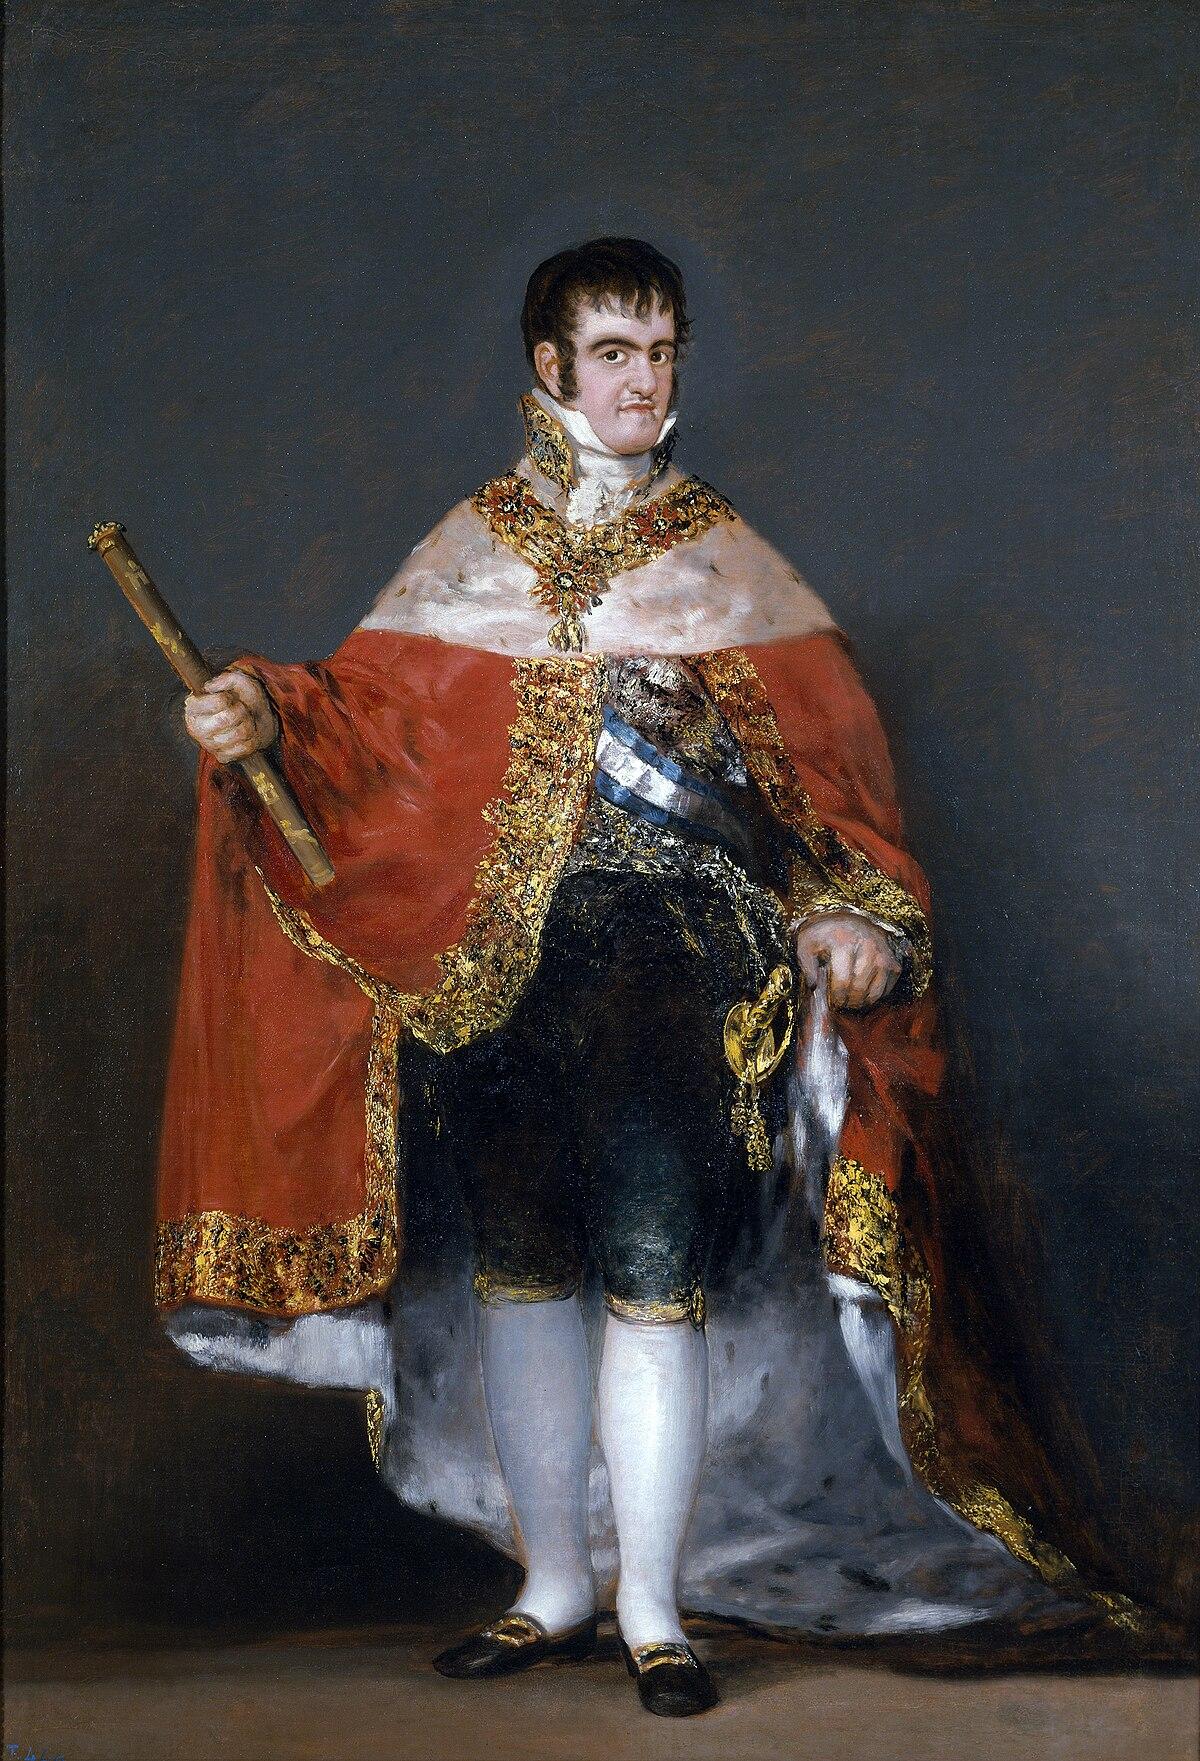 Preguntas y respuesta de Historia - Página 5 1200px-Francisco_Goya_-_Portrait_of_Ferdinand_VII_of_Spain_in_his_robes_of_state_%281815%29_-_Prado